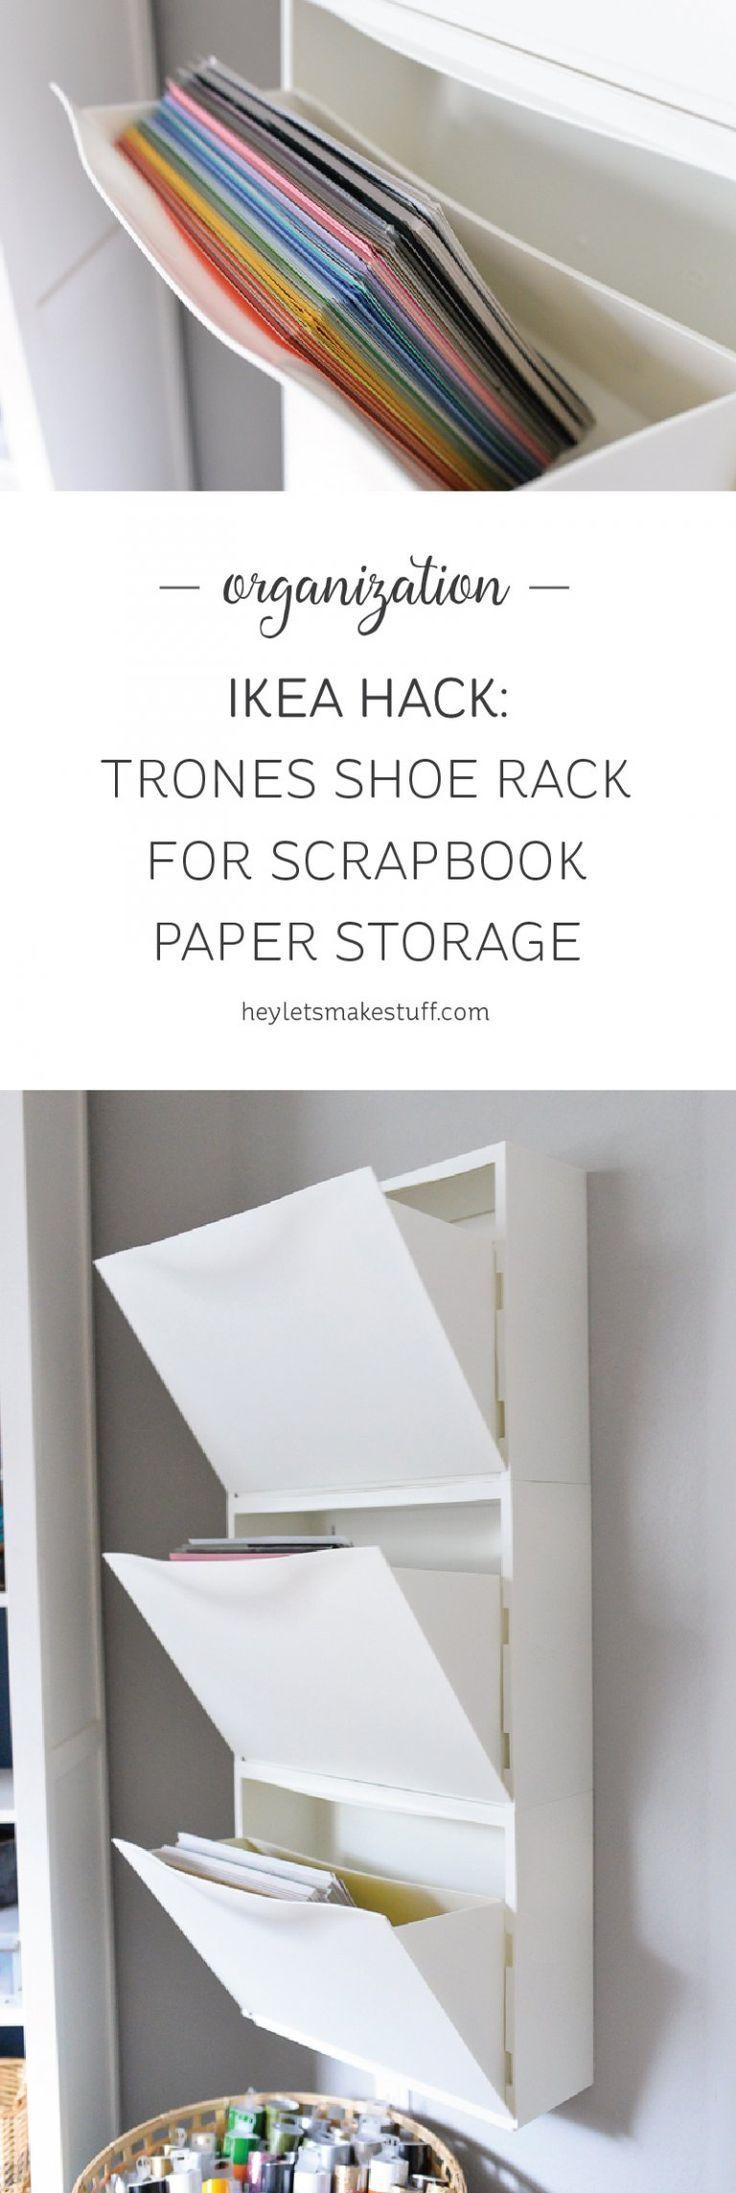 Scrapbook-Papier außer Kontrolle geraten? Verwenden Sie diesen IKEA Hack: Trones Schuhhalter sind die